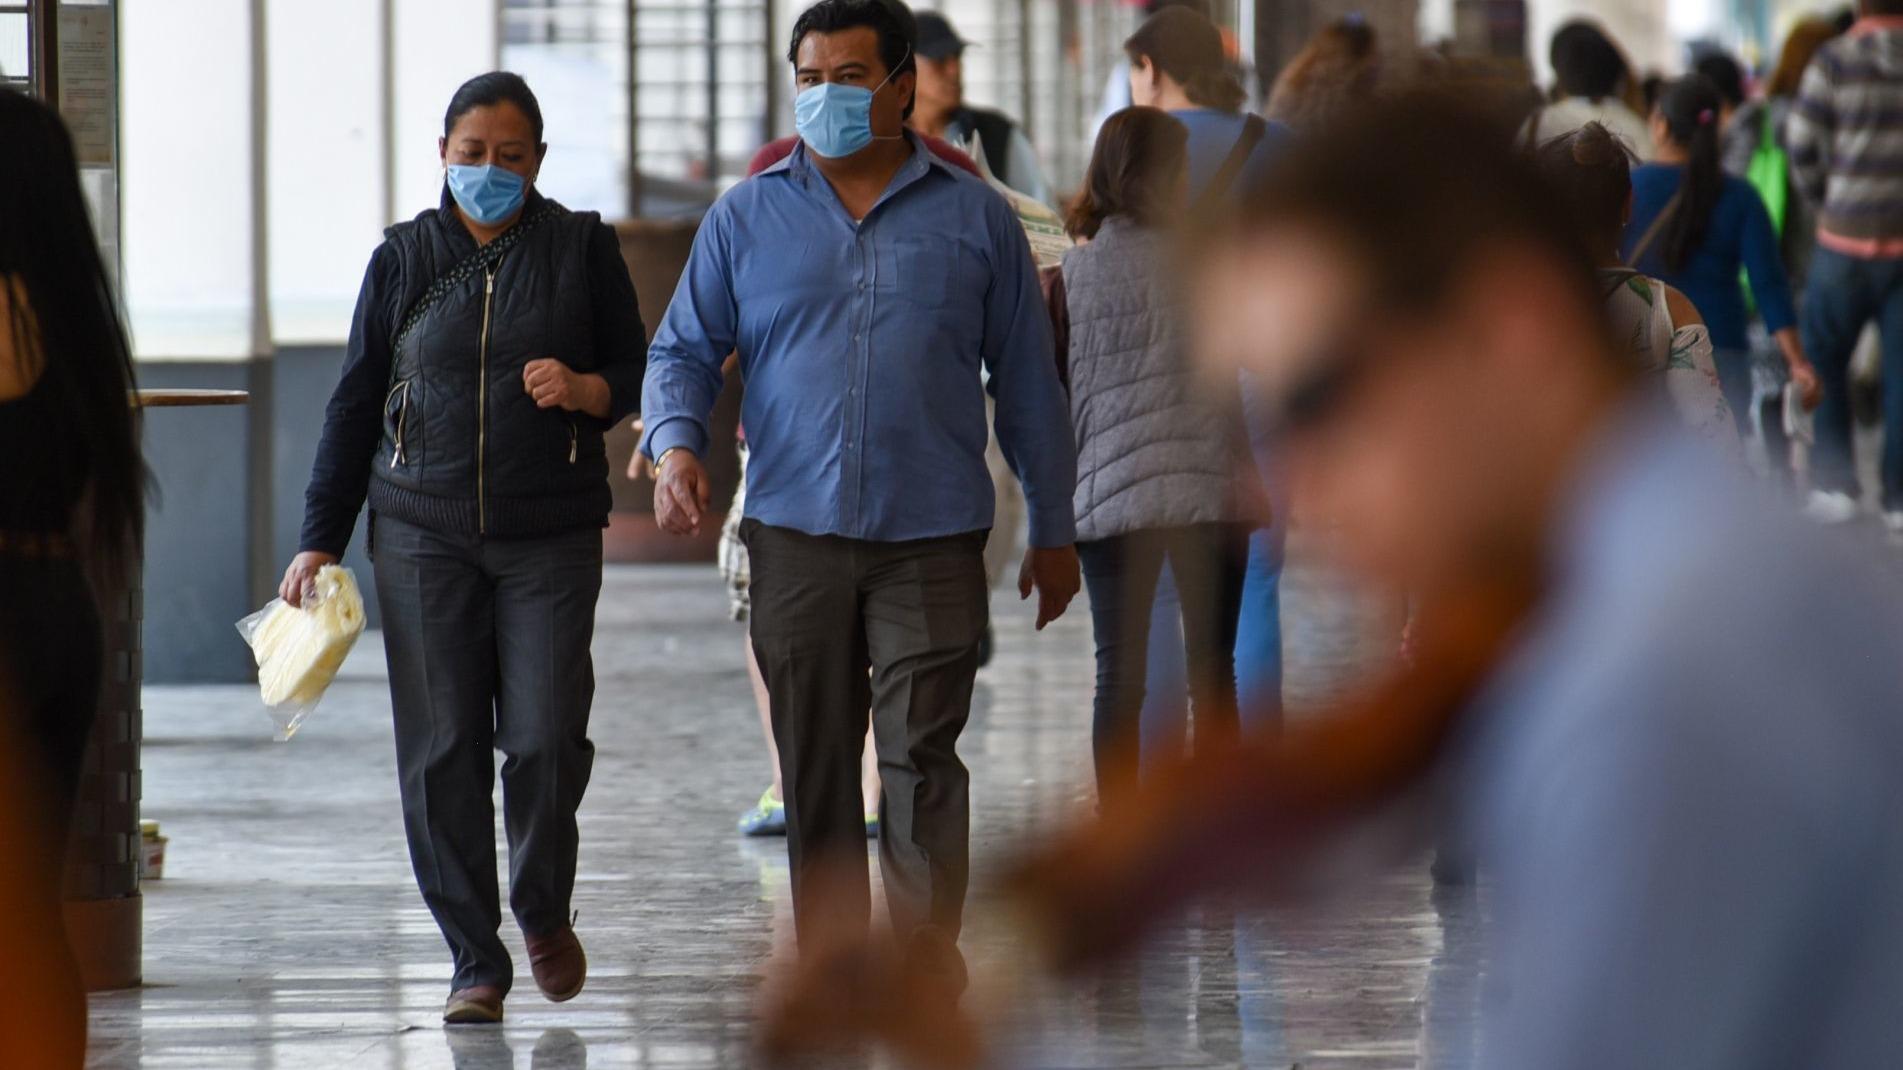 Al día de hoy Toluca se encuentra en el quinto lugar de mayor contagios.